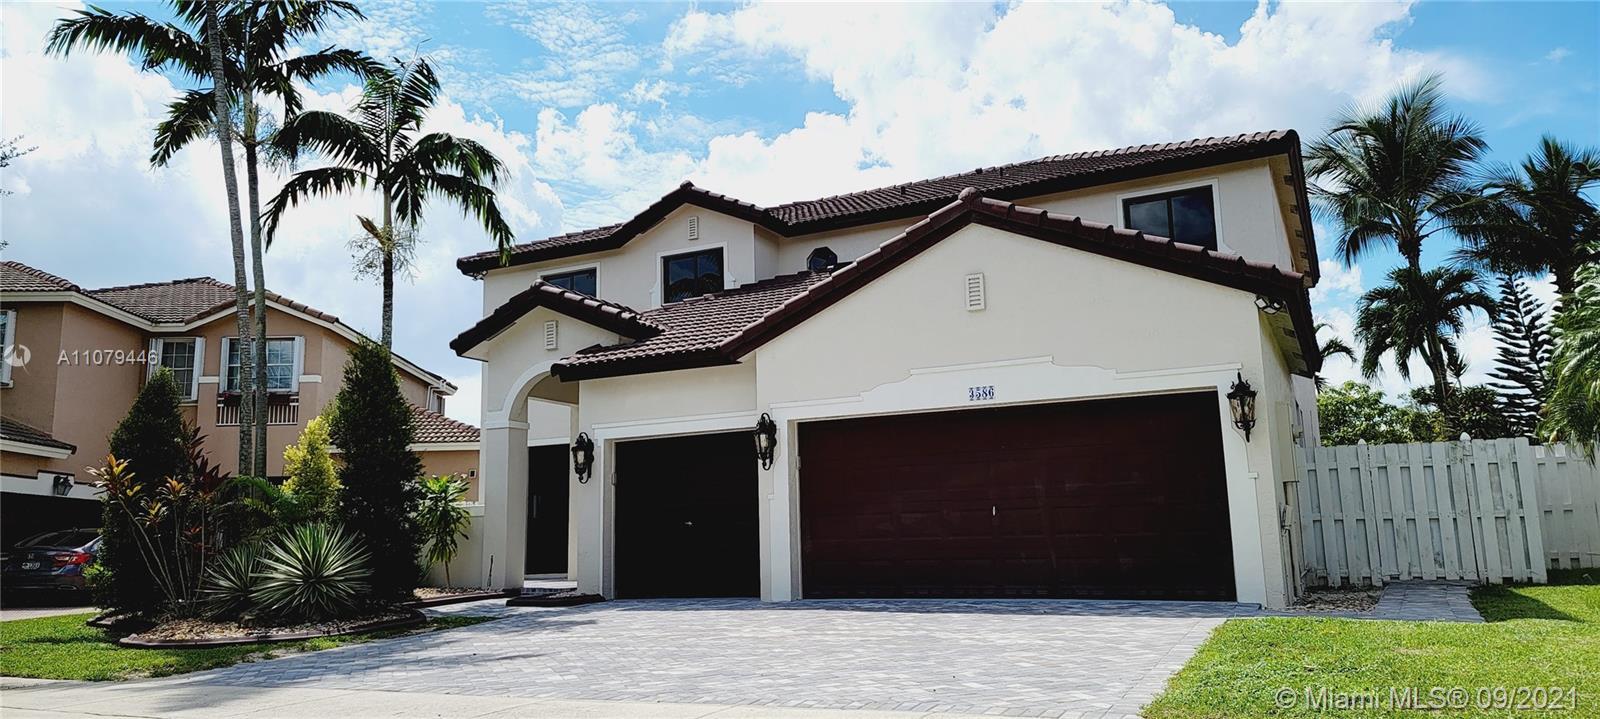 3586 143rd Ave, Miramar, Florida 33027